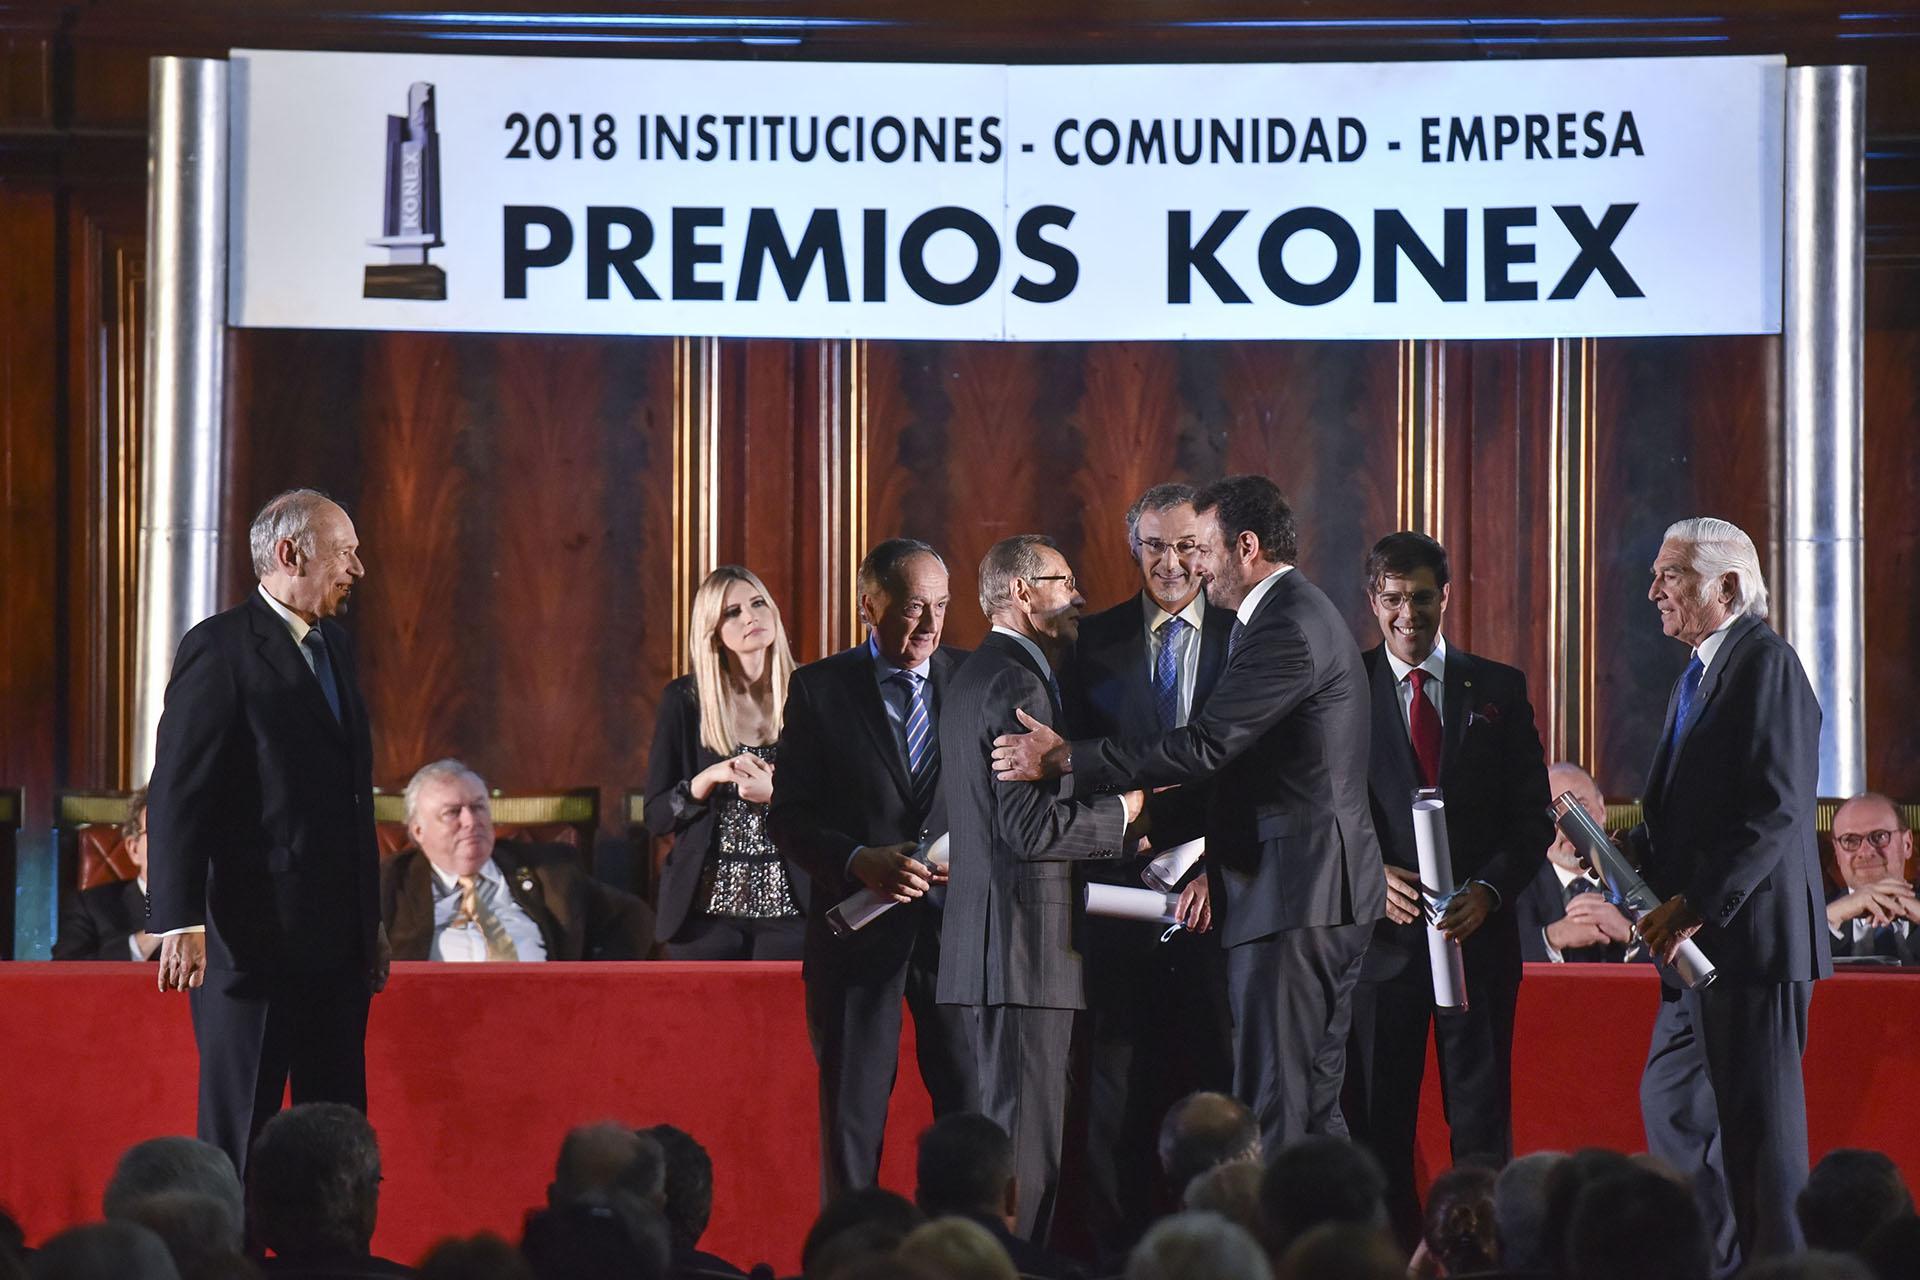 Adalberto Rodríguez Giavarini le entrega el Diploma al Mérito a José Urtubey